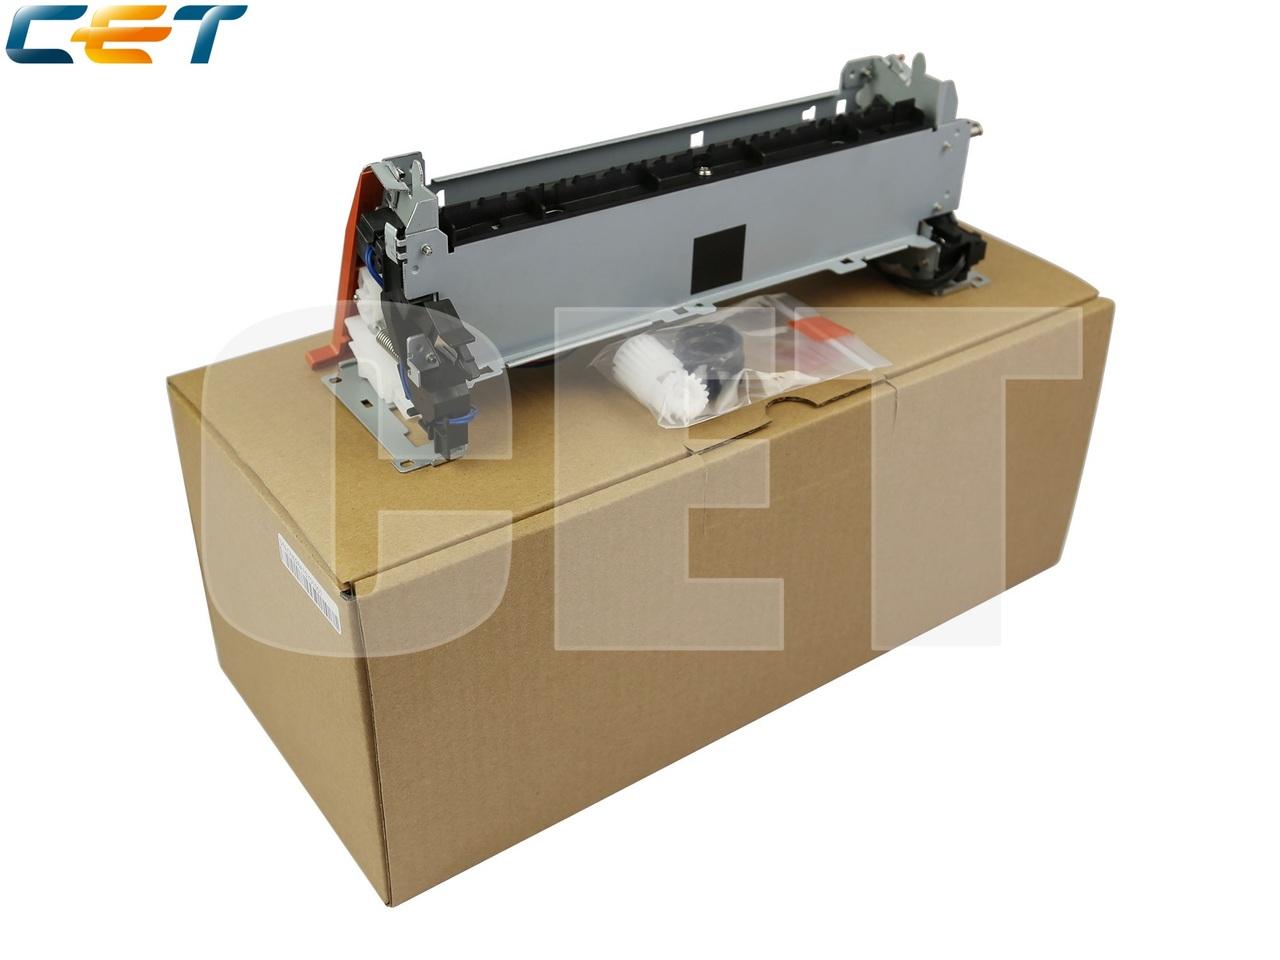 Фьюзер (печка) в сборе RM1-8809-000 для HP LaserJet Pro 400M401/M425 (CET), CET2729